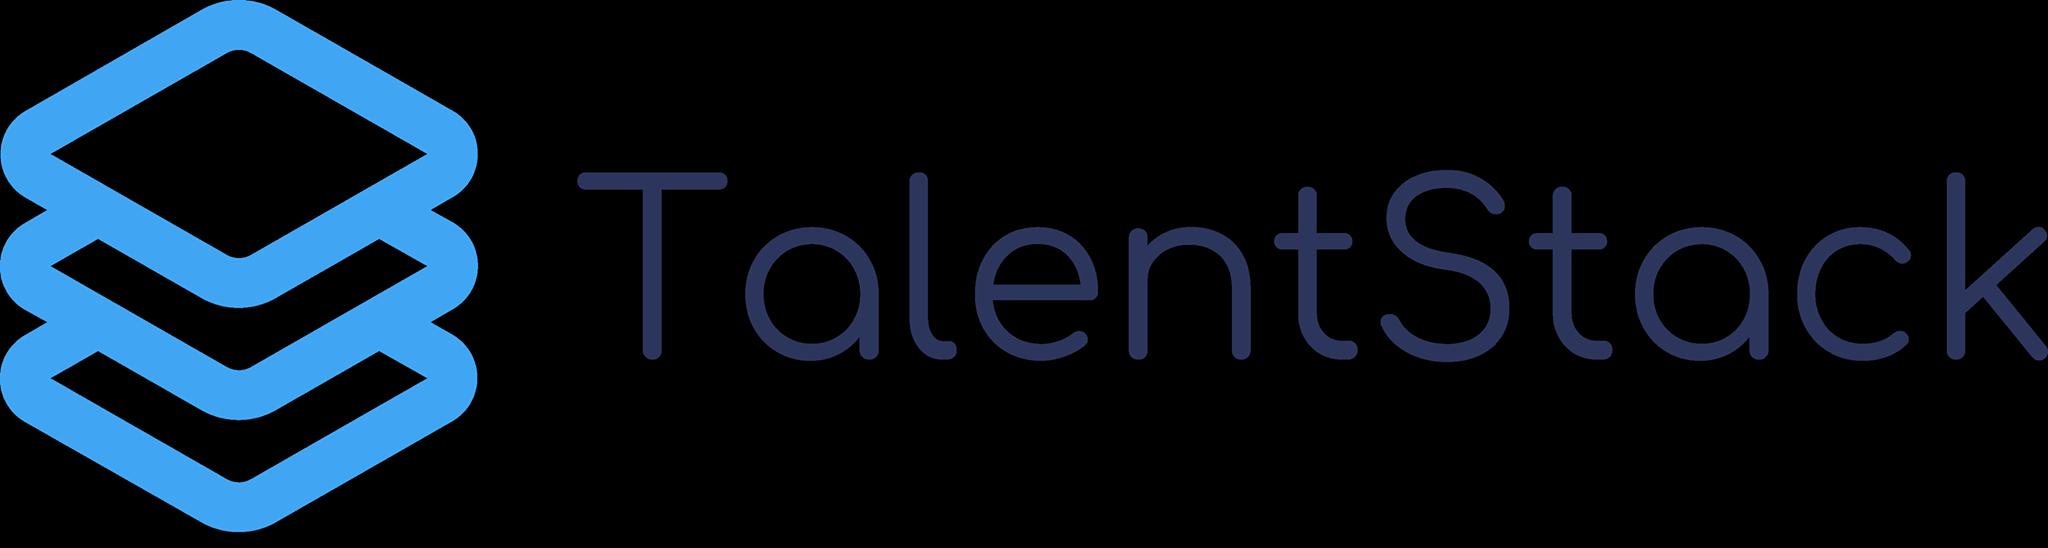 Talentstack